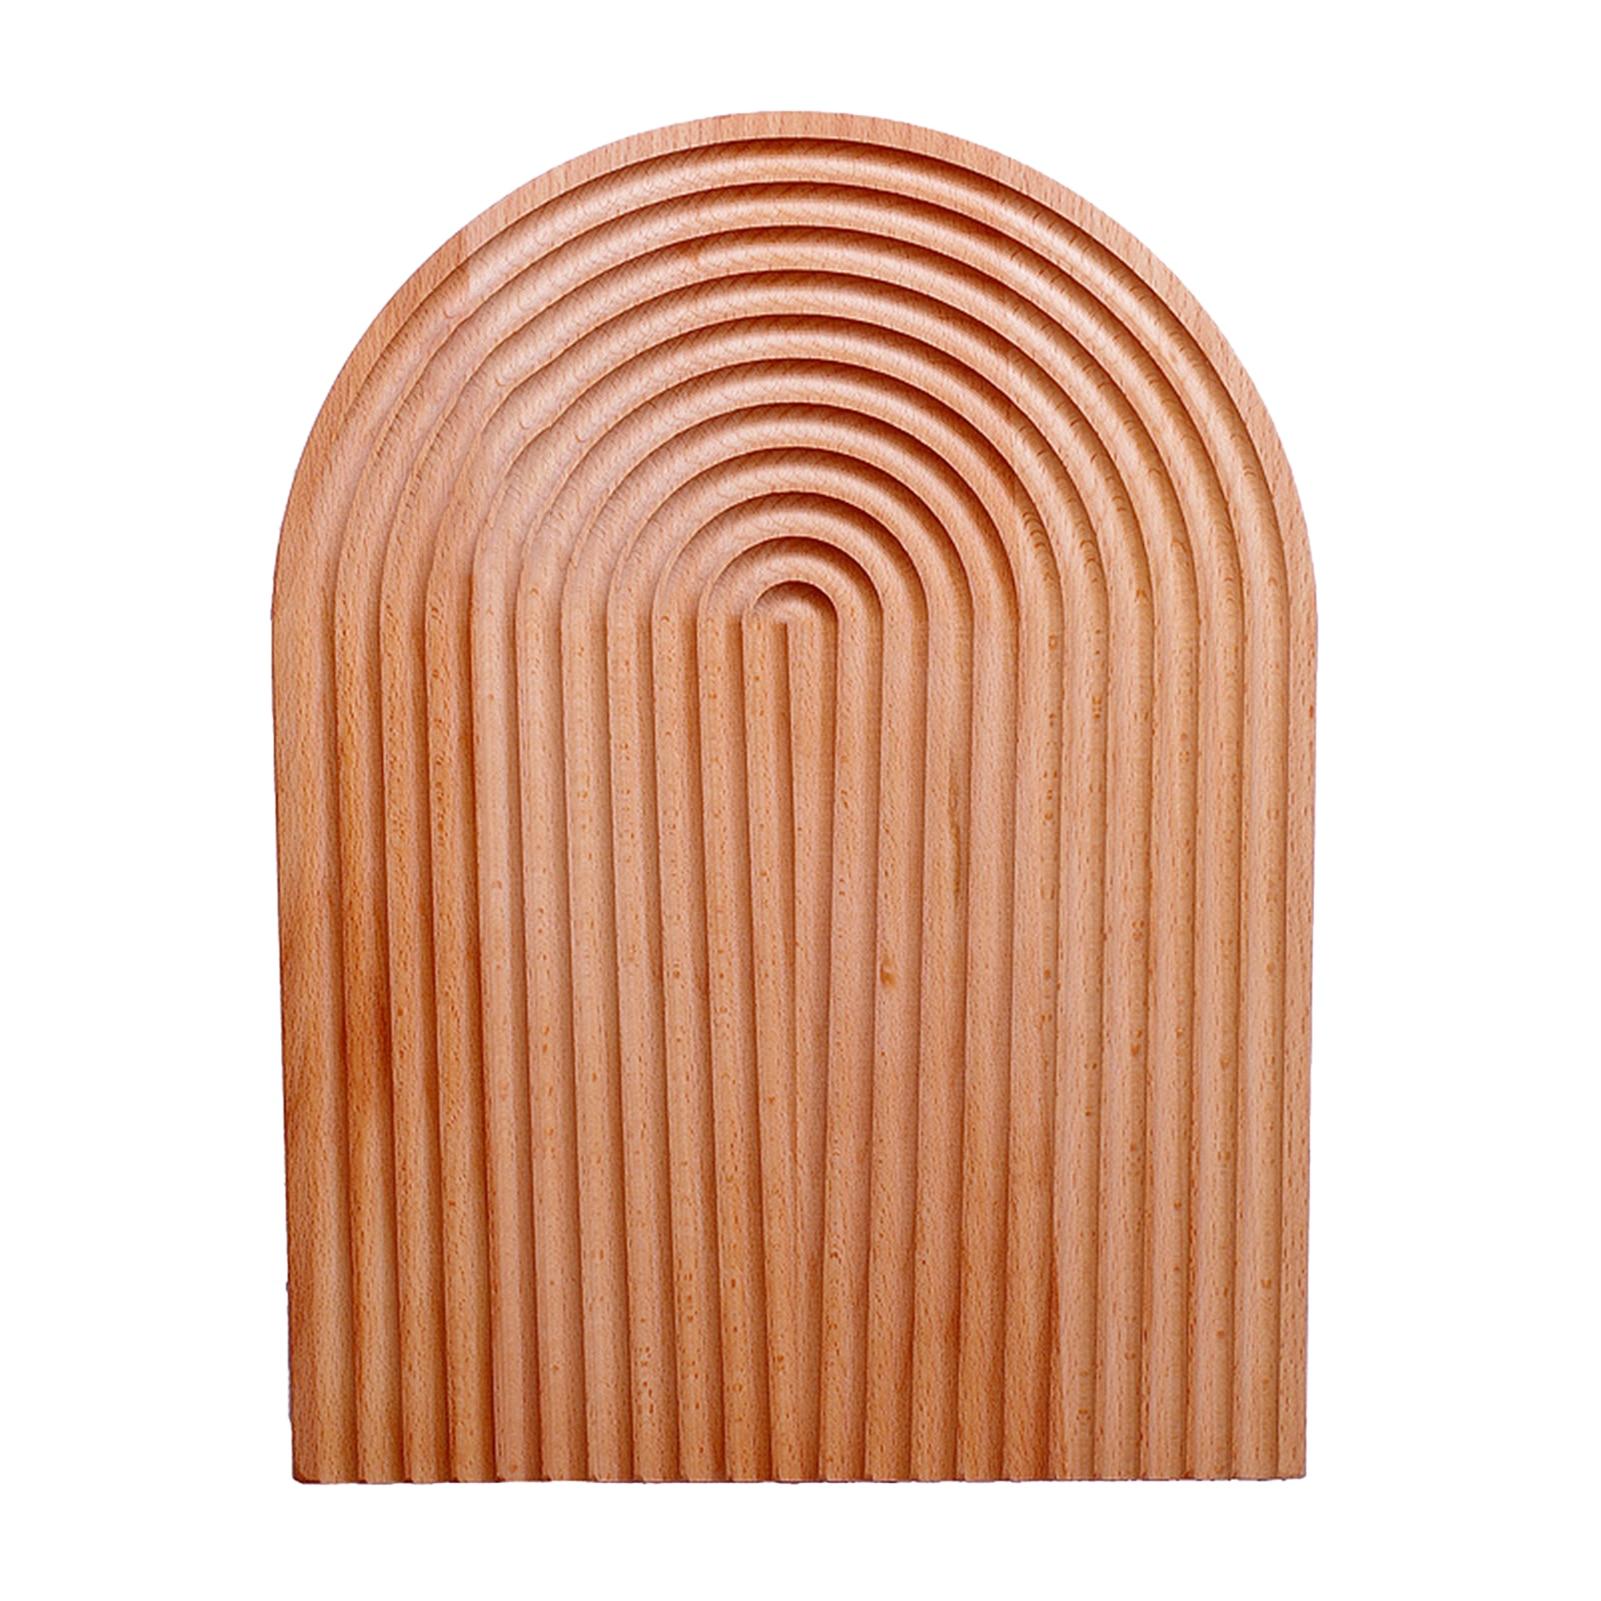 خشب تقطيع كتلة الخبز الحلوى صينية الفاكهة المنزل التخزين المنظم السوشي متعددة الوظائف الشمال نمط للكعك سهلة نظيفة